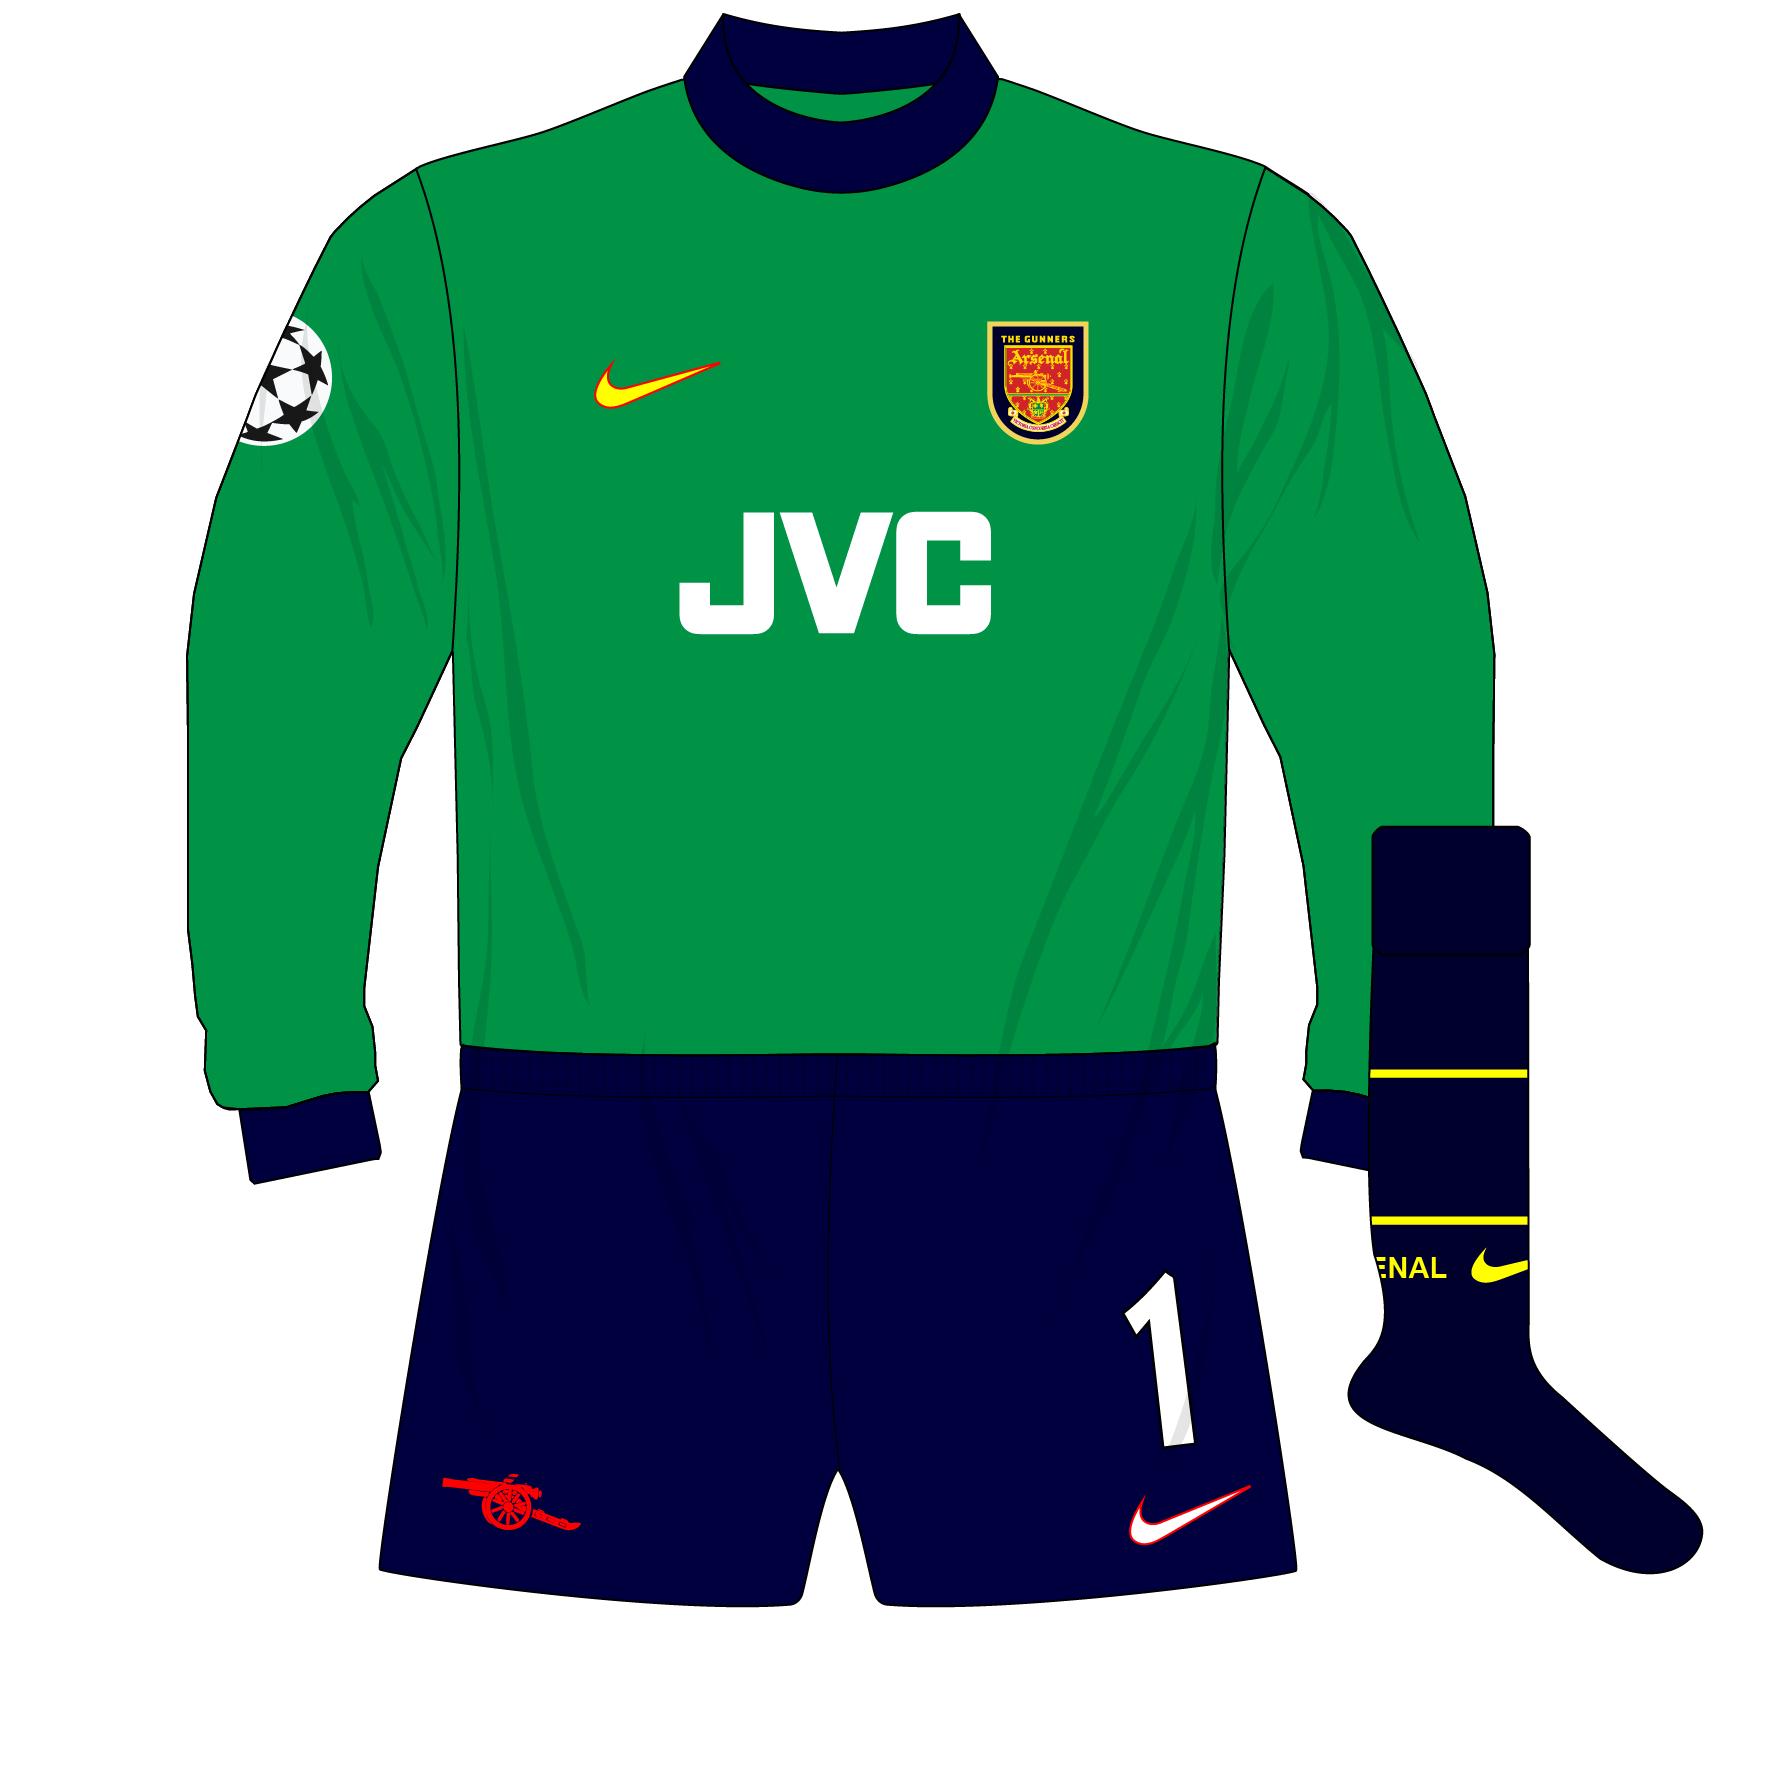 watch 27de2 28d76 Arsenal-Nike-1998-1999-Green-goalkeeper-shirt-kit-Champions ...